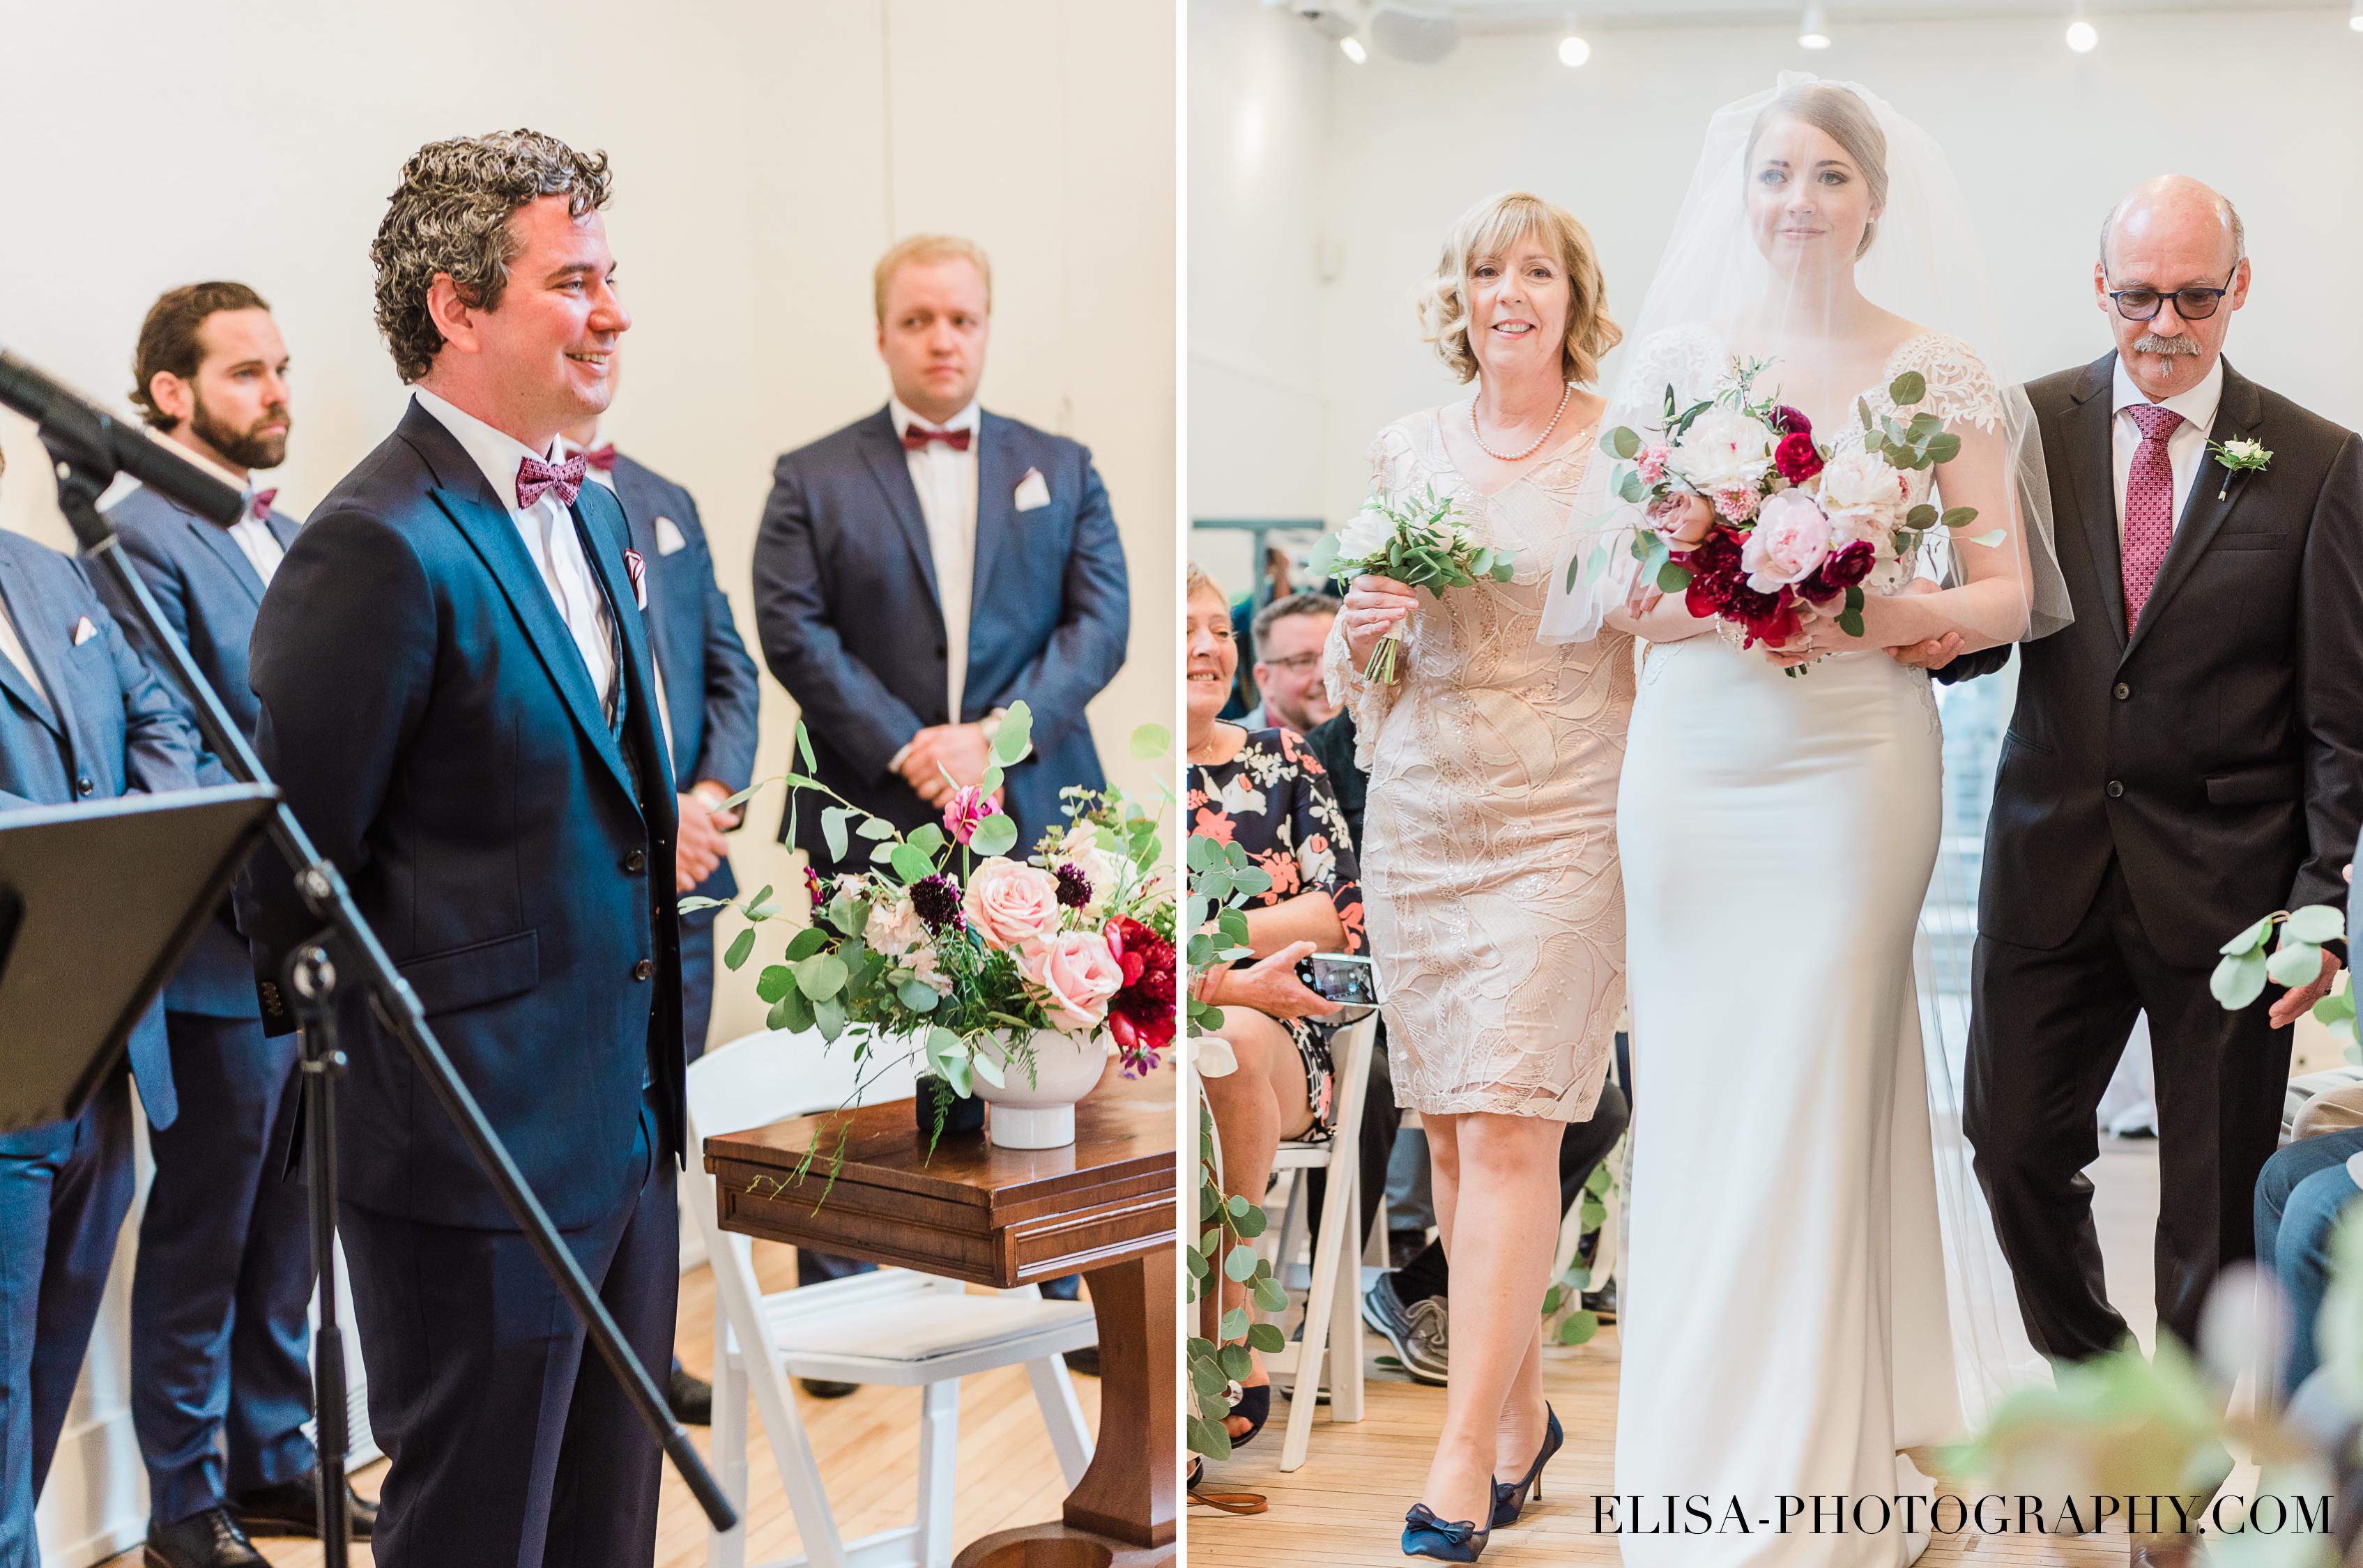 photo mariage ceremonie fleurs table signature domaine cataraqui elisa photographe bourgogne blush atelier peintre - Mariage élégant et discret au coeur du magnifique Domaine Cataraqui, Québec